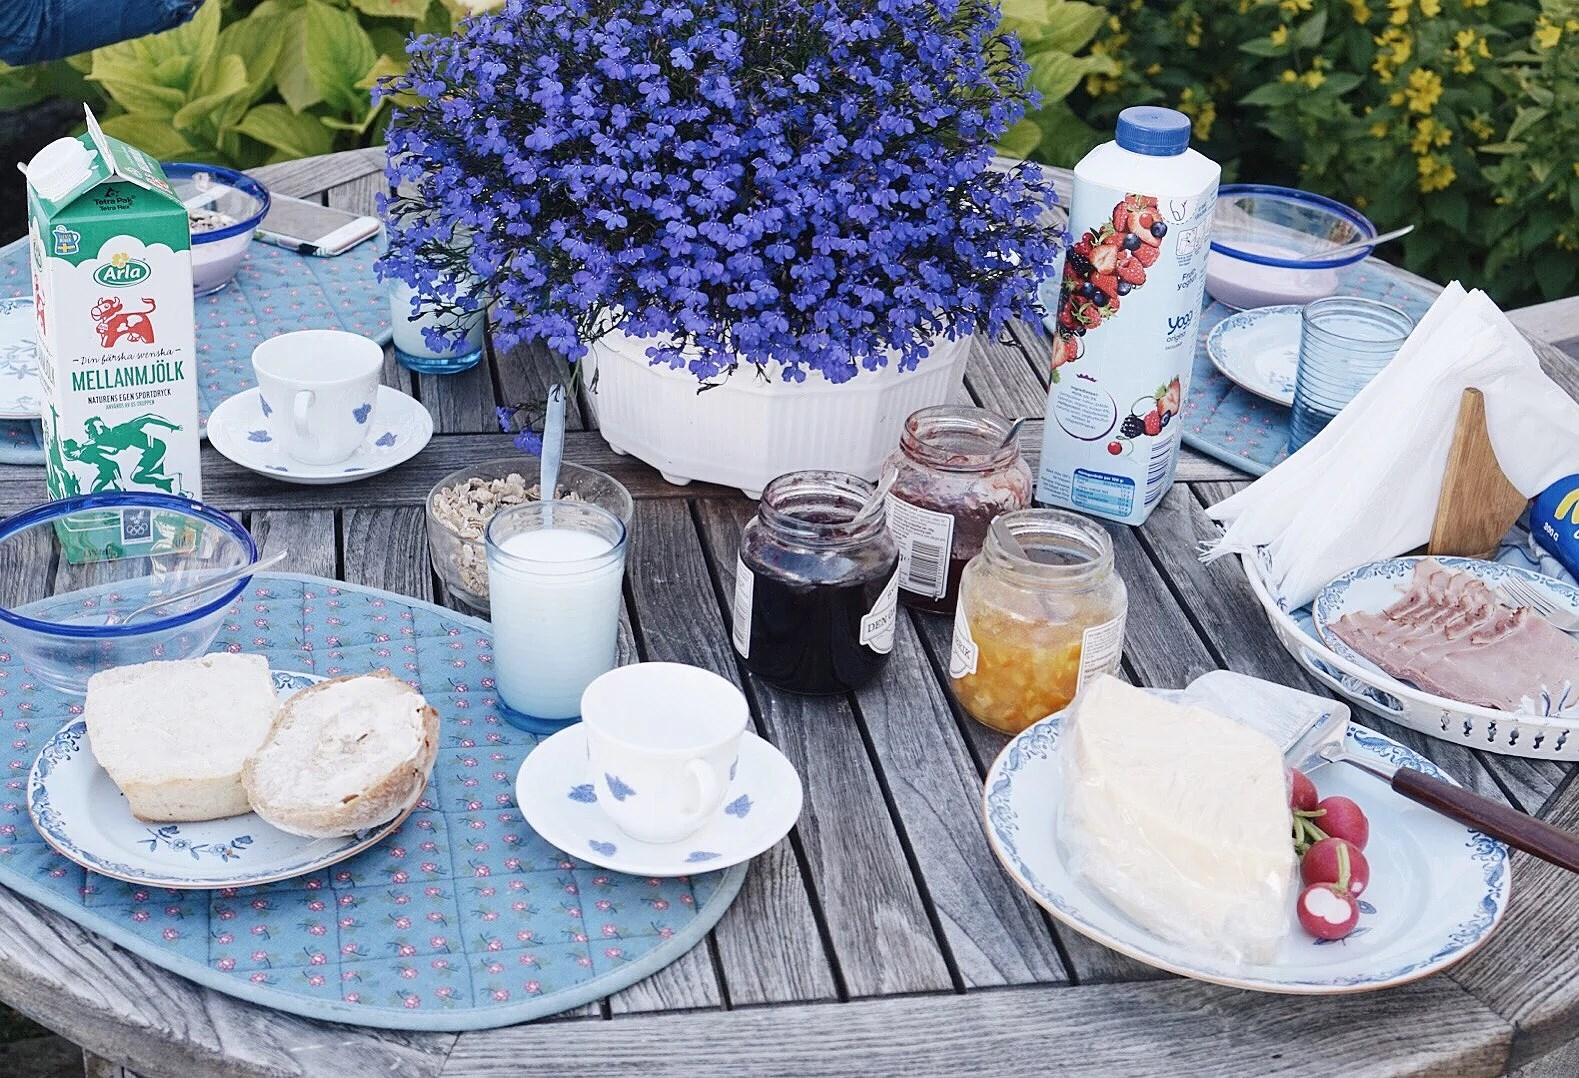 Morgon i Mollösund